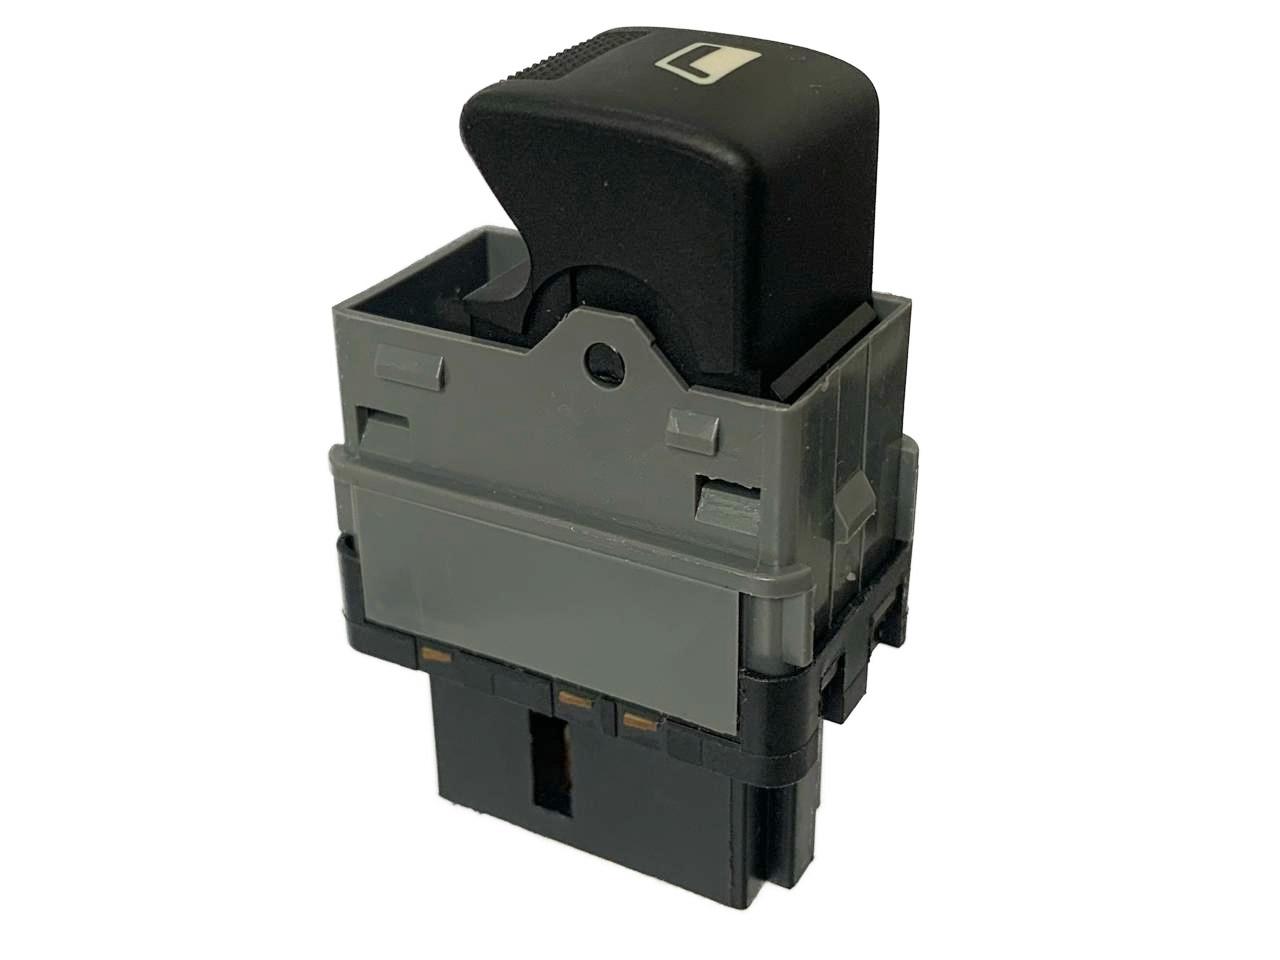 Botão Interruptor De Vidro Elétrico Traseira Cinza Do Console Citroen C3 03 04 05 06 07 08 09 010 011 012